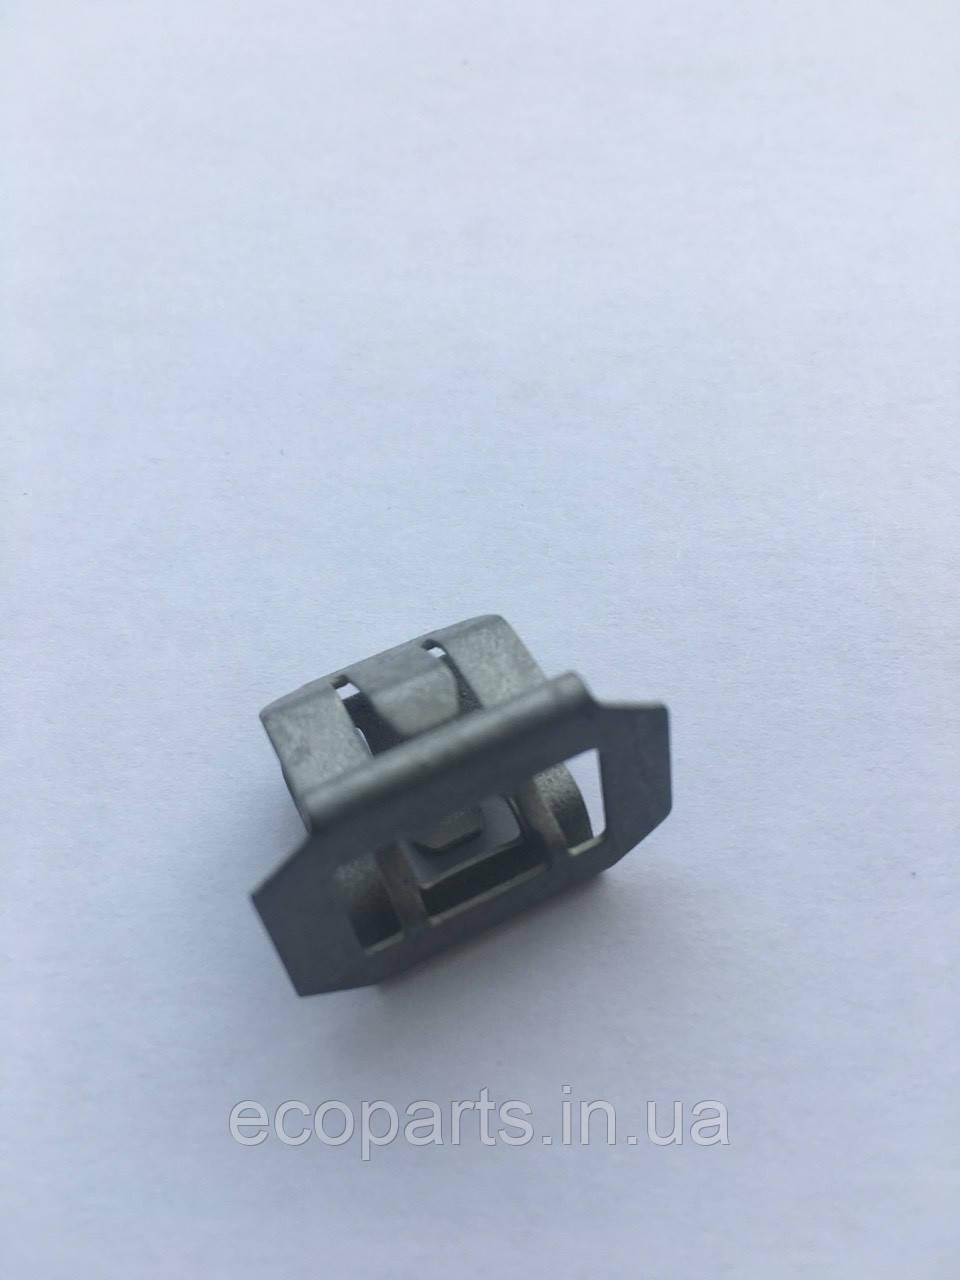 Кліпса кріплення протитуманної фари Nissan Leaf (10-17)